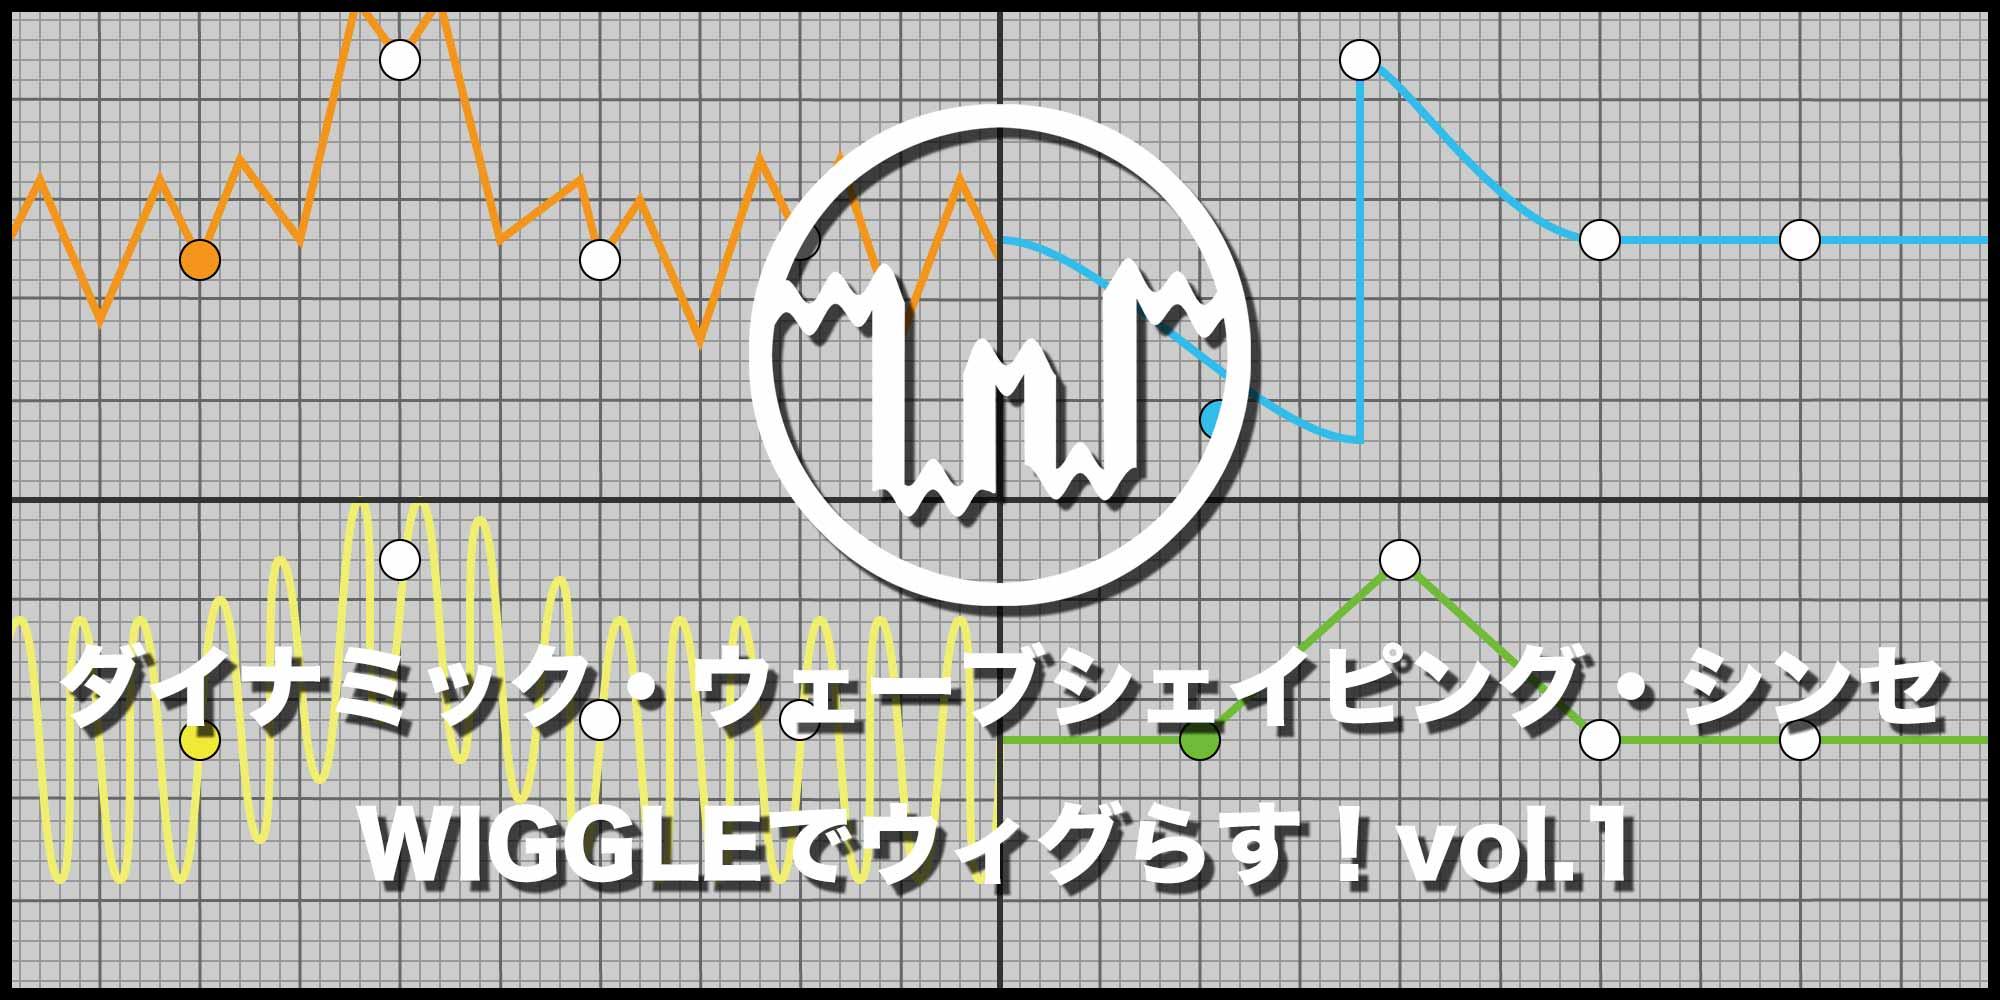 【新連載】ダイナミック・ウェーブシェイピング・シンセWIGGLEでウィグらす!【1】